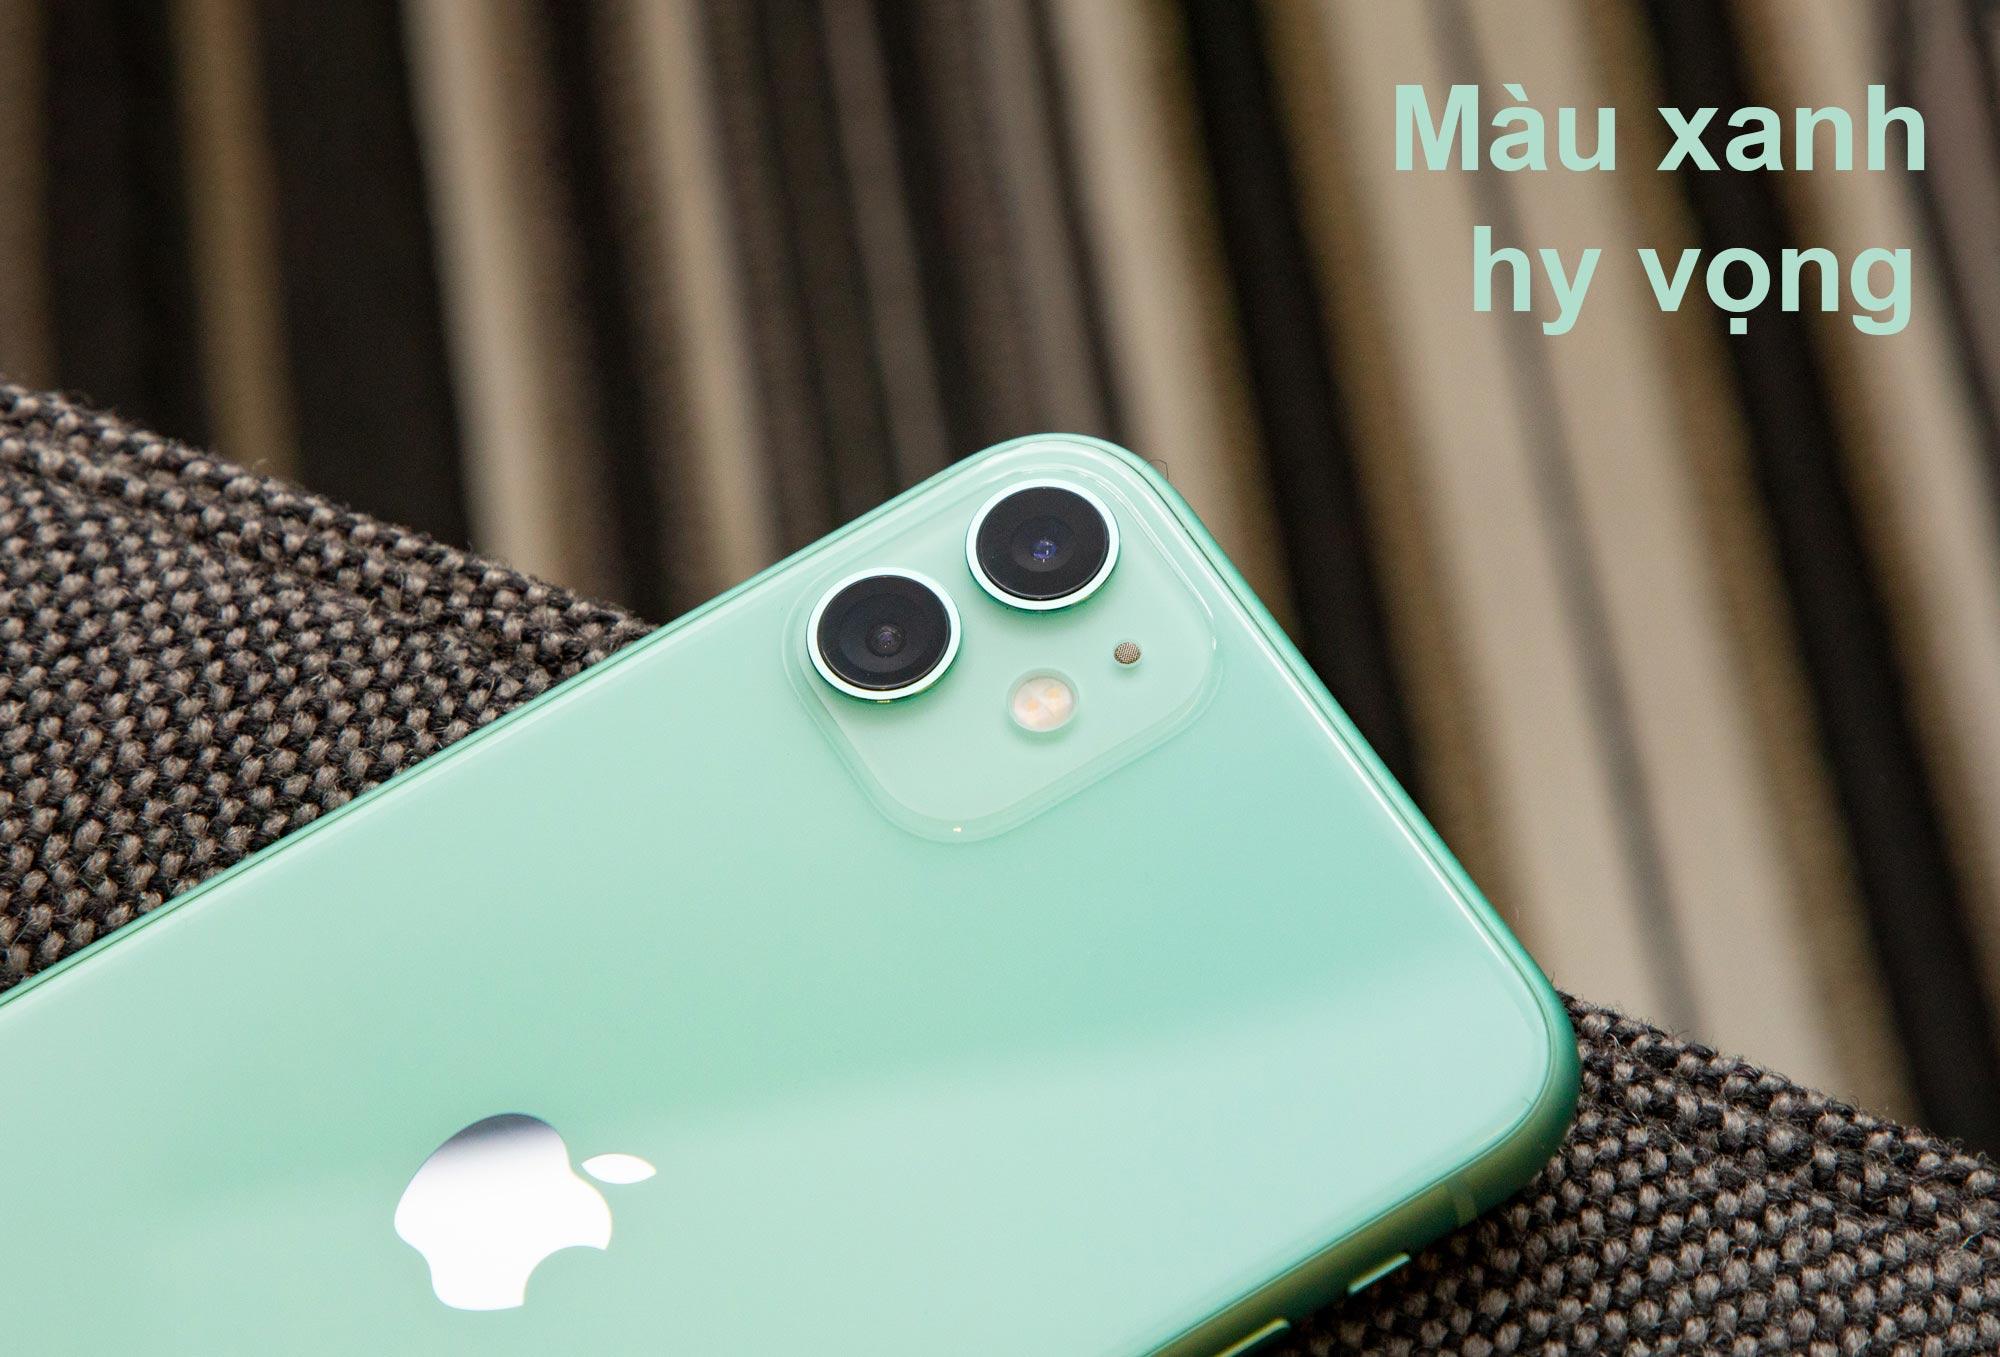 iPhone 12 Mini 64 GB | Màu Xanh hi vọng